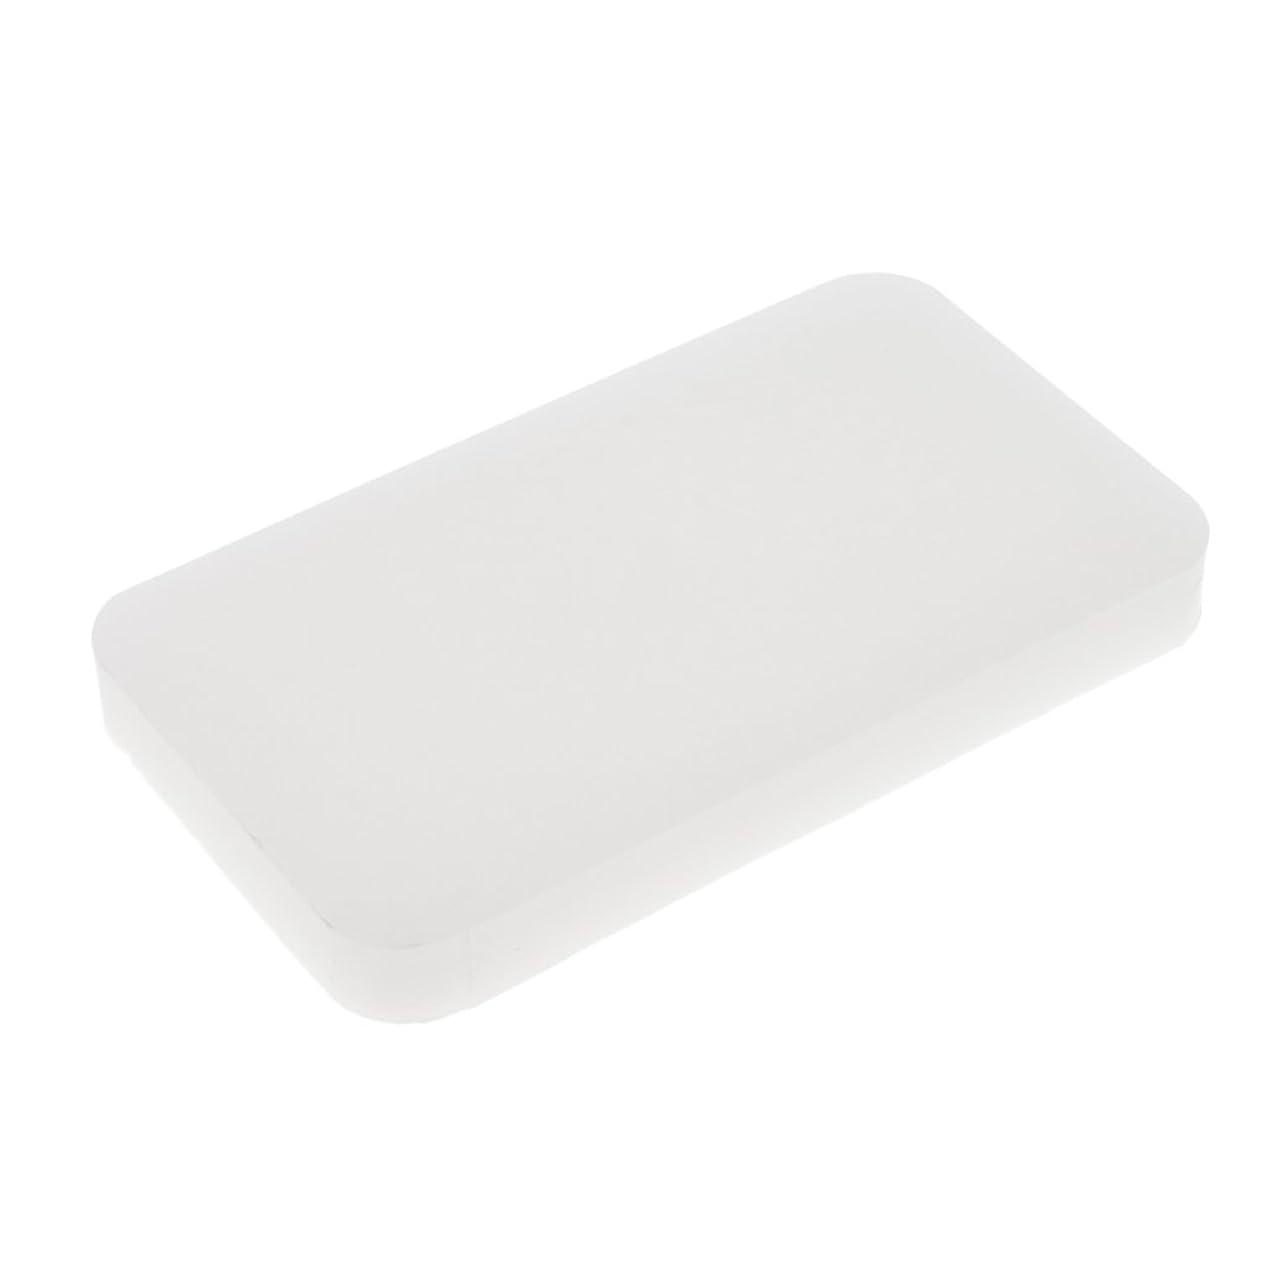 悪因子言語レイアウトPerfk まつ毛ホルダー つけまつげ まつ毛 拡張スタンド 白い メイクアップ 化粧道具